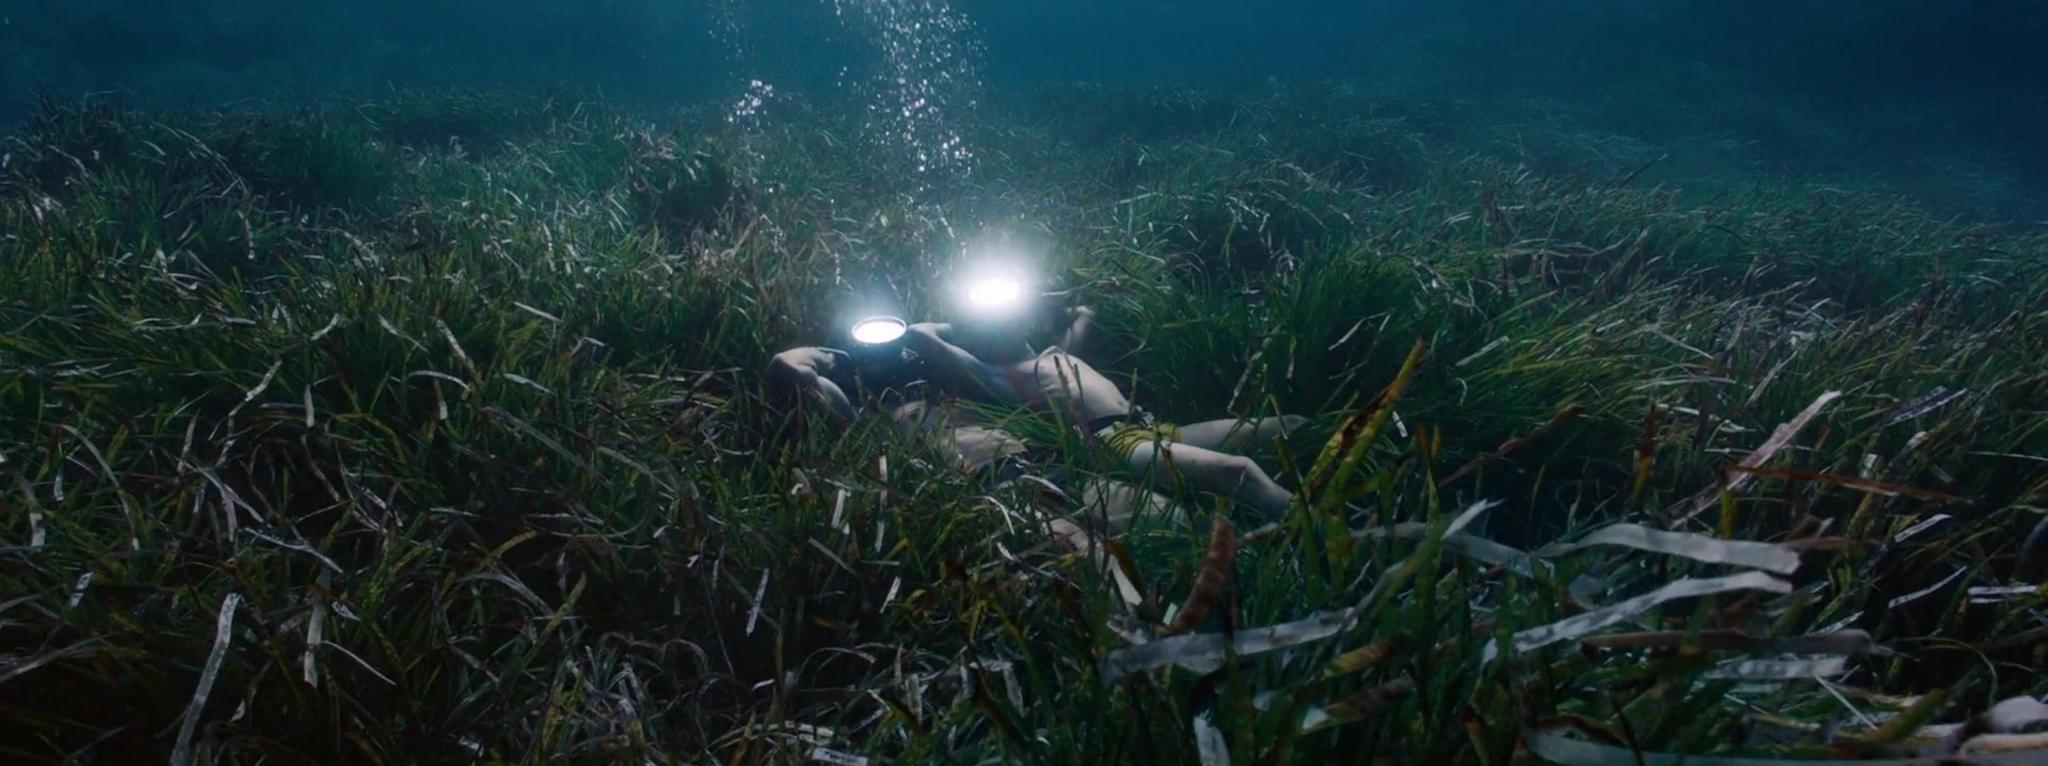 cousteau,biopic,l'odysssée,jacques-yves cousteau,océans,cinéma,jérôme salle,écologie,précurseur,documentaire,série,l'odyssée sous-marine de l'équipe cousteau,le monde du silence,louis malle,haroun tazieff,paul-emile victor